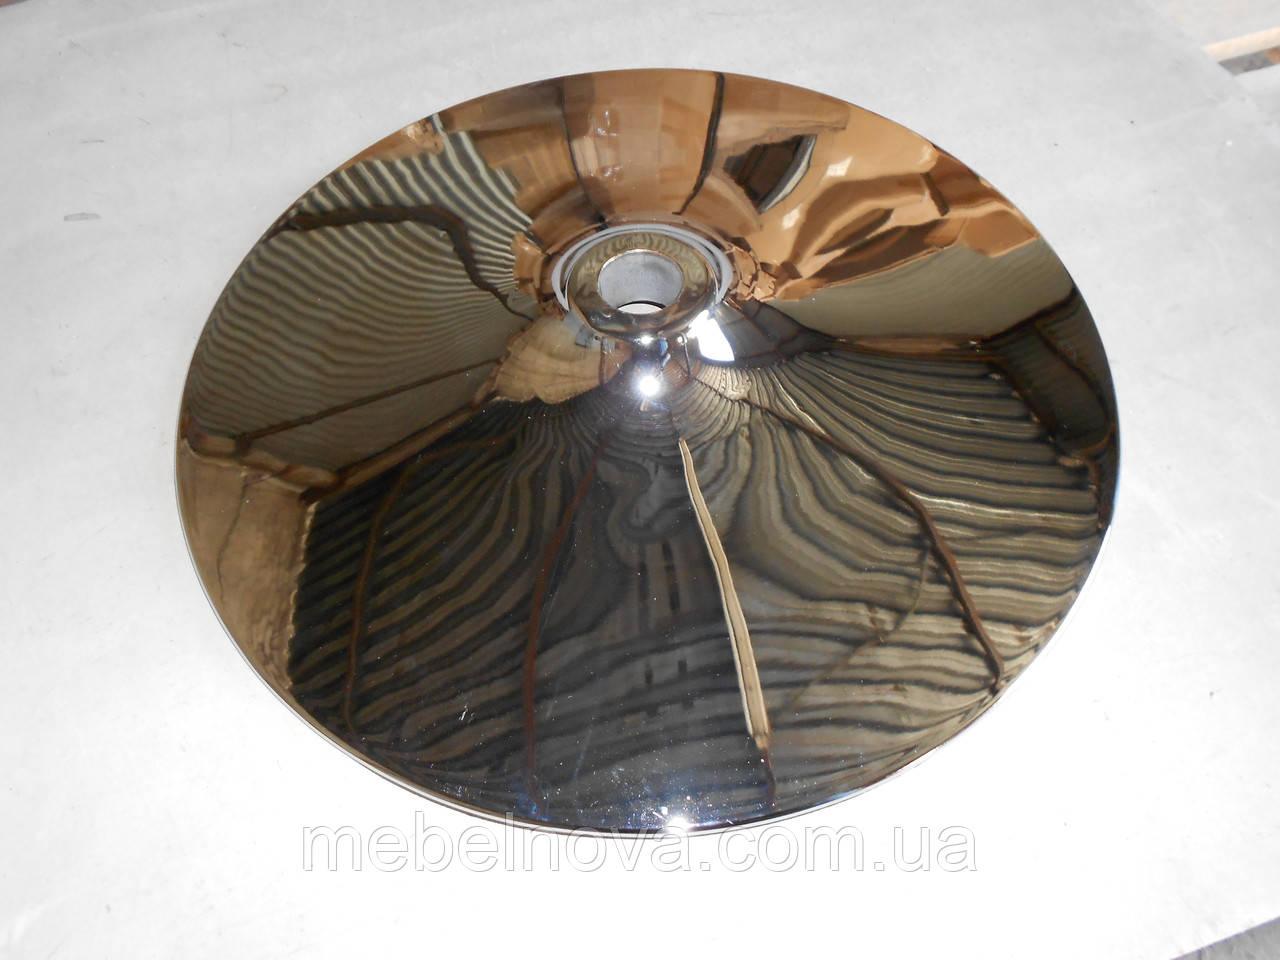 База «Конус» 380 мм круглая металлическая. Хромированная. Для кресла, стула, стола.